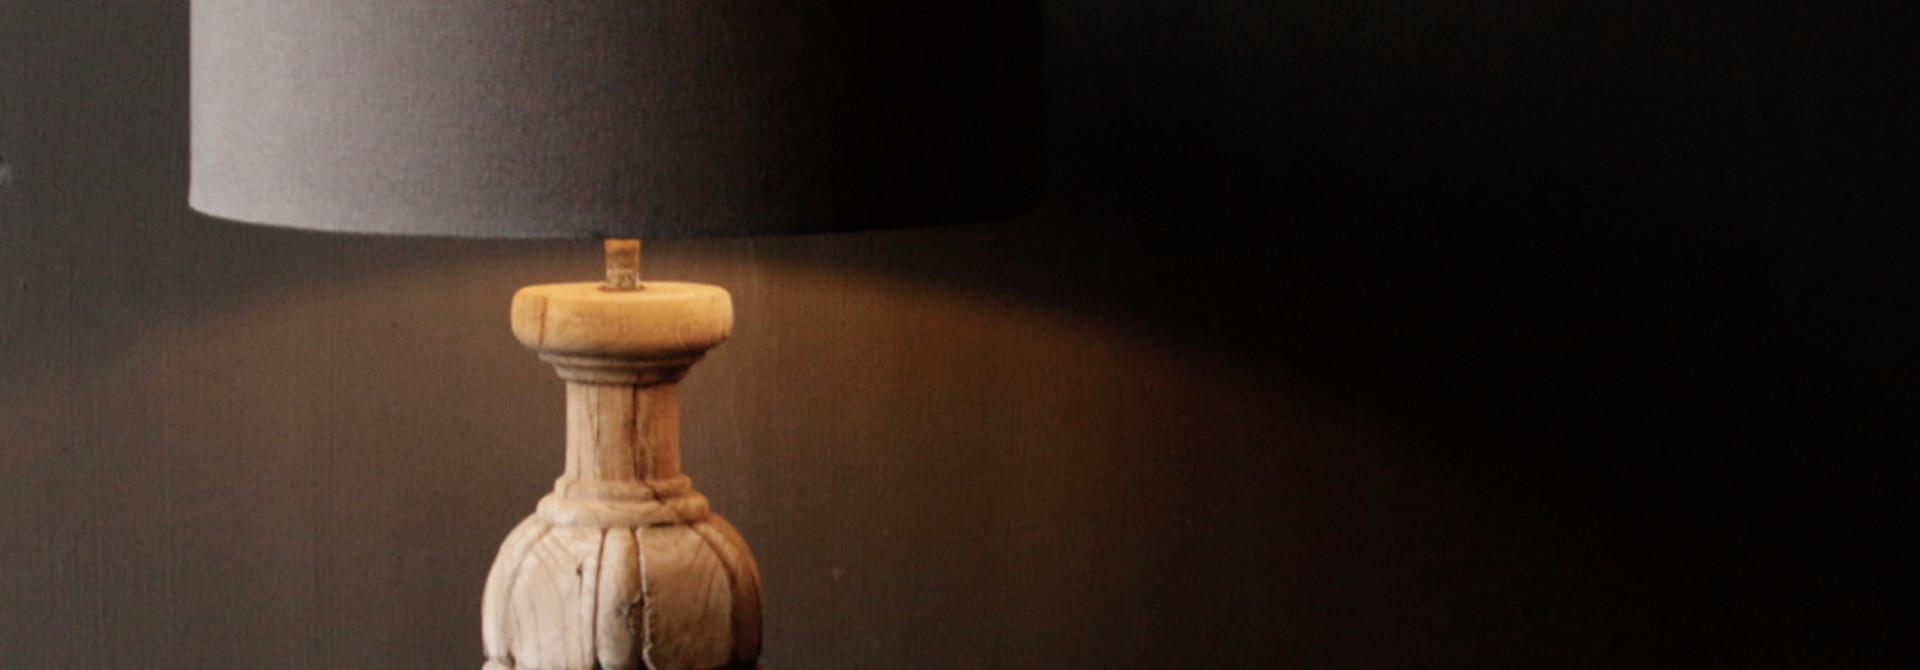 Hölzerner Lampensockel